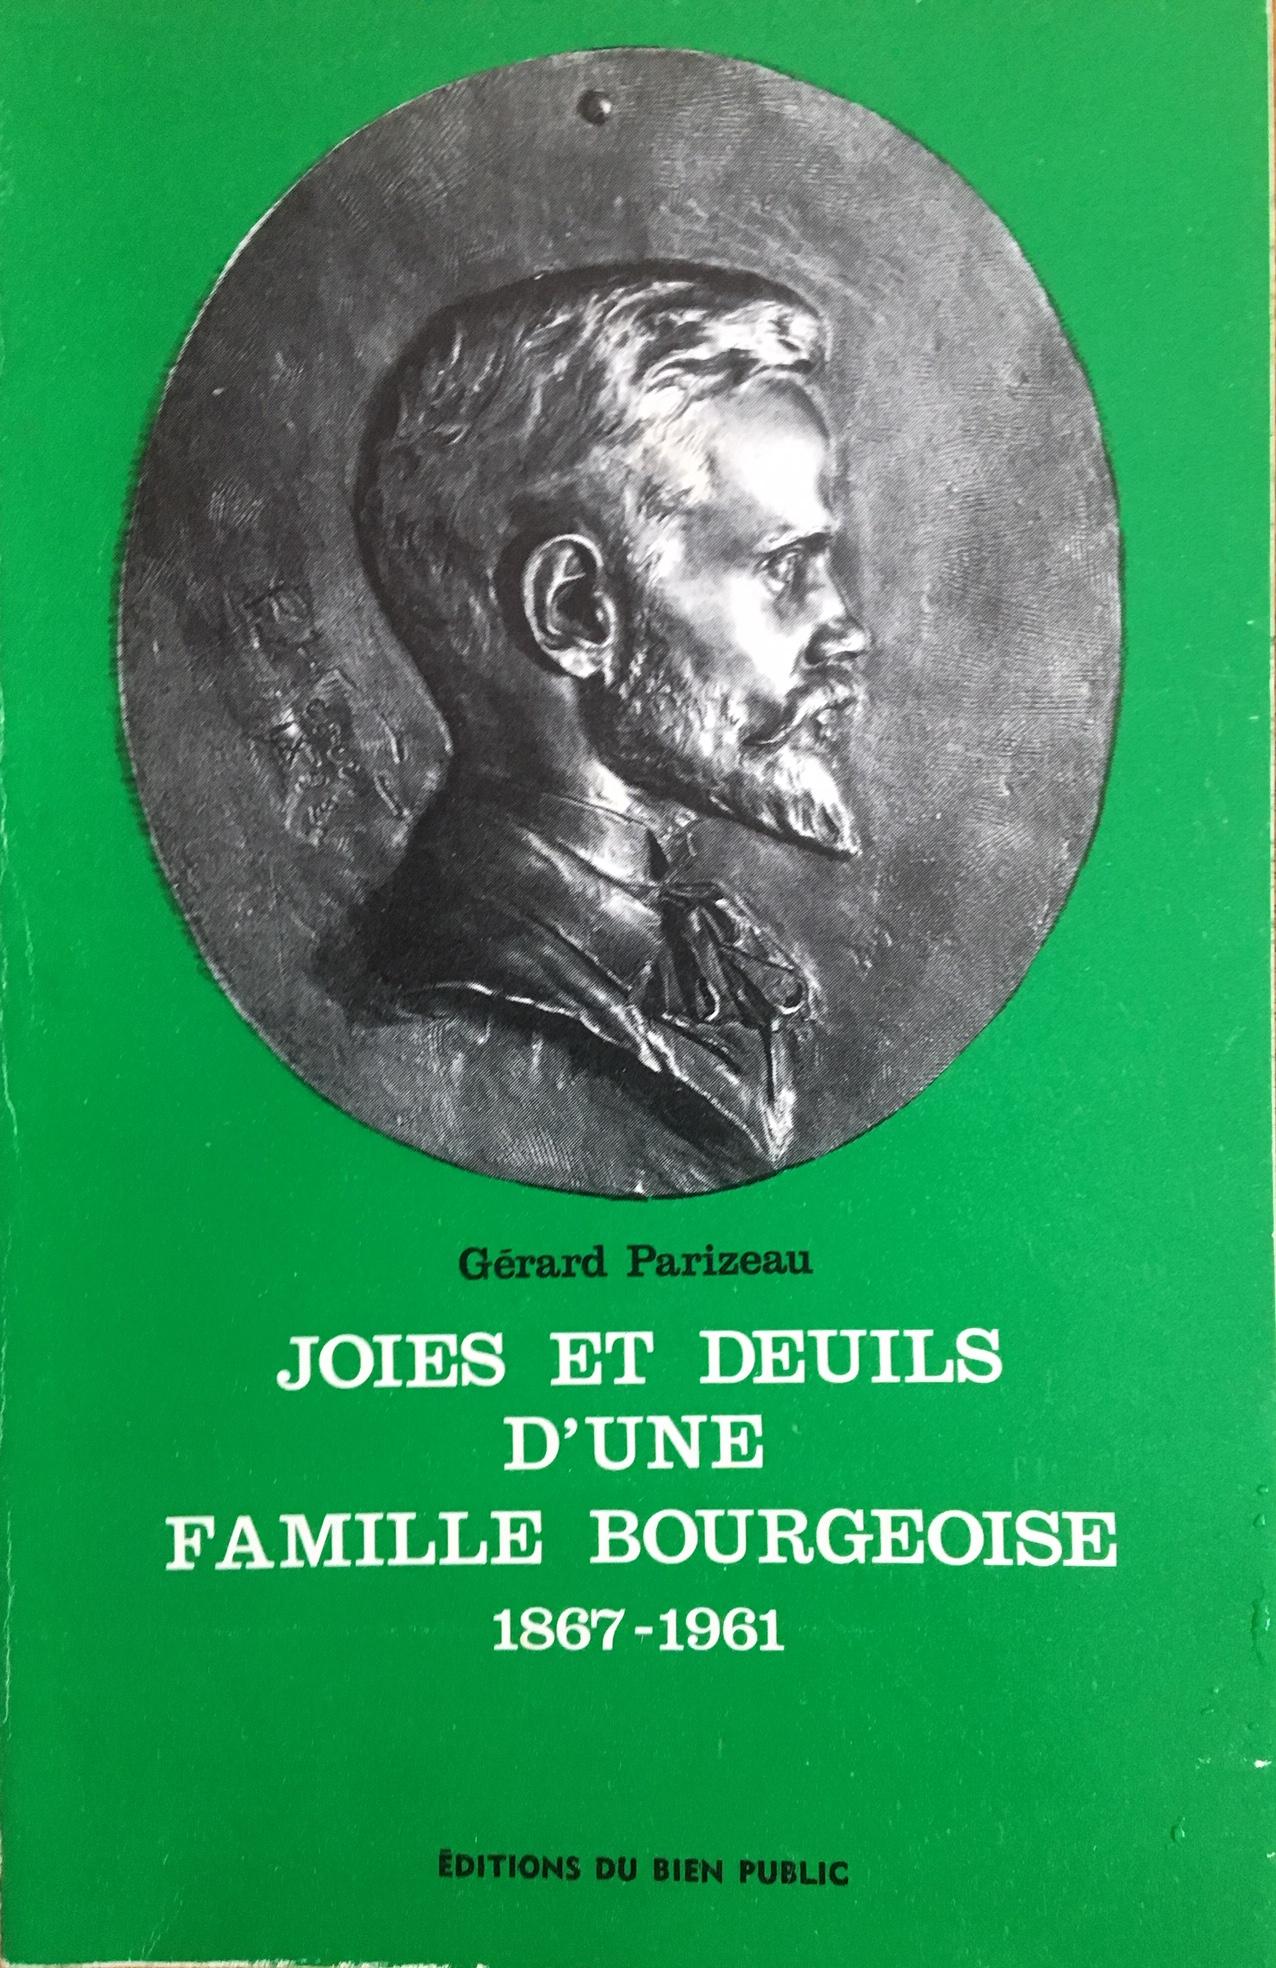 Joies et deuils d'une famille bourgeoise 1867-1961